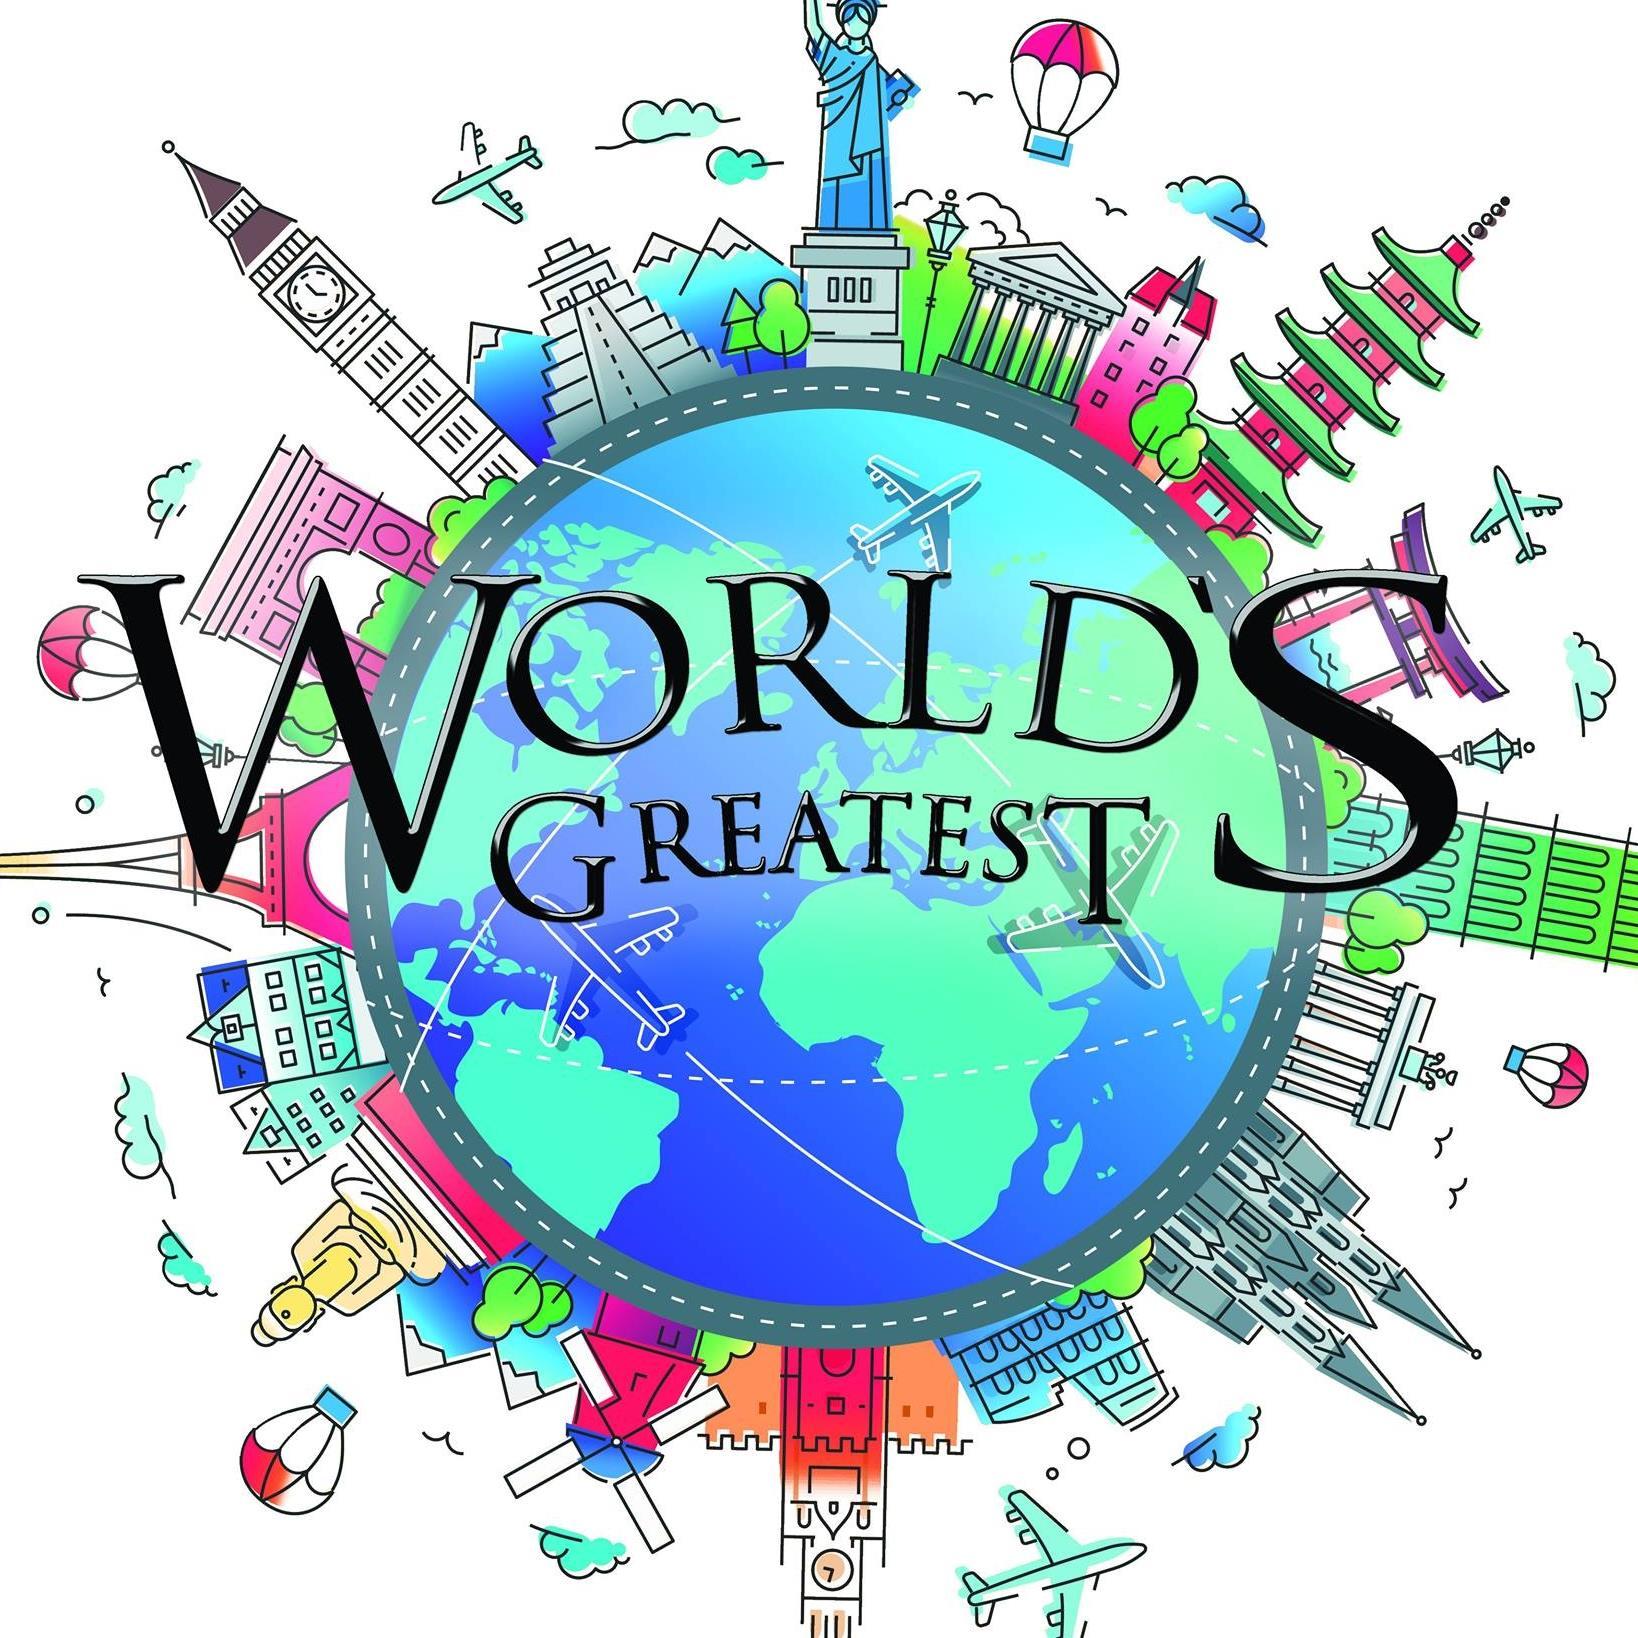 Worlds Greatest